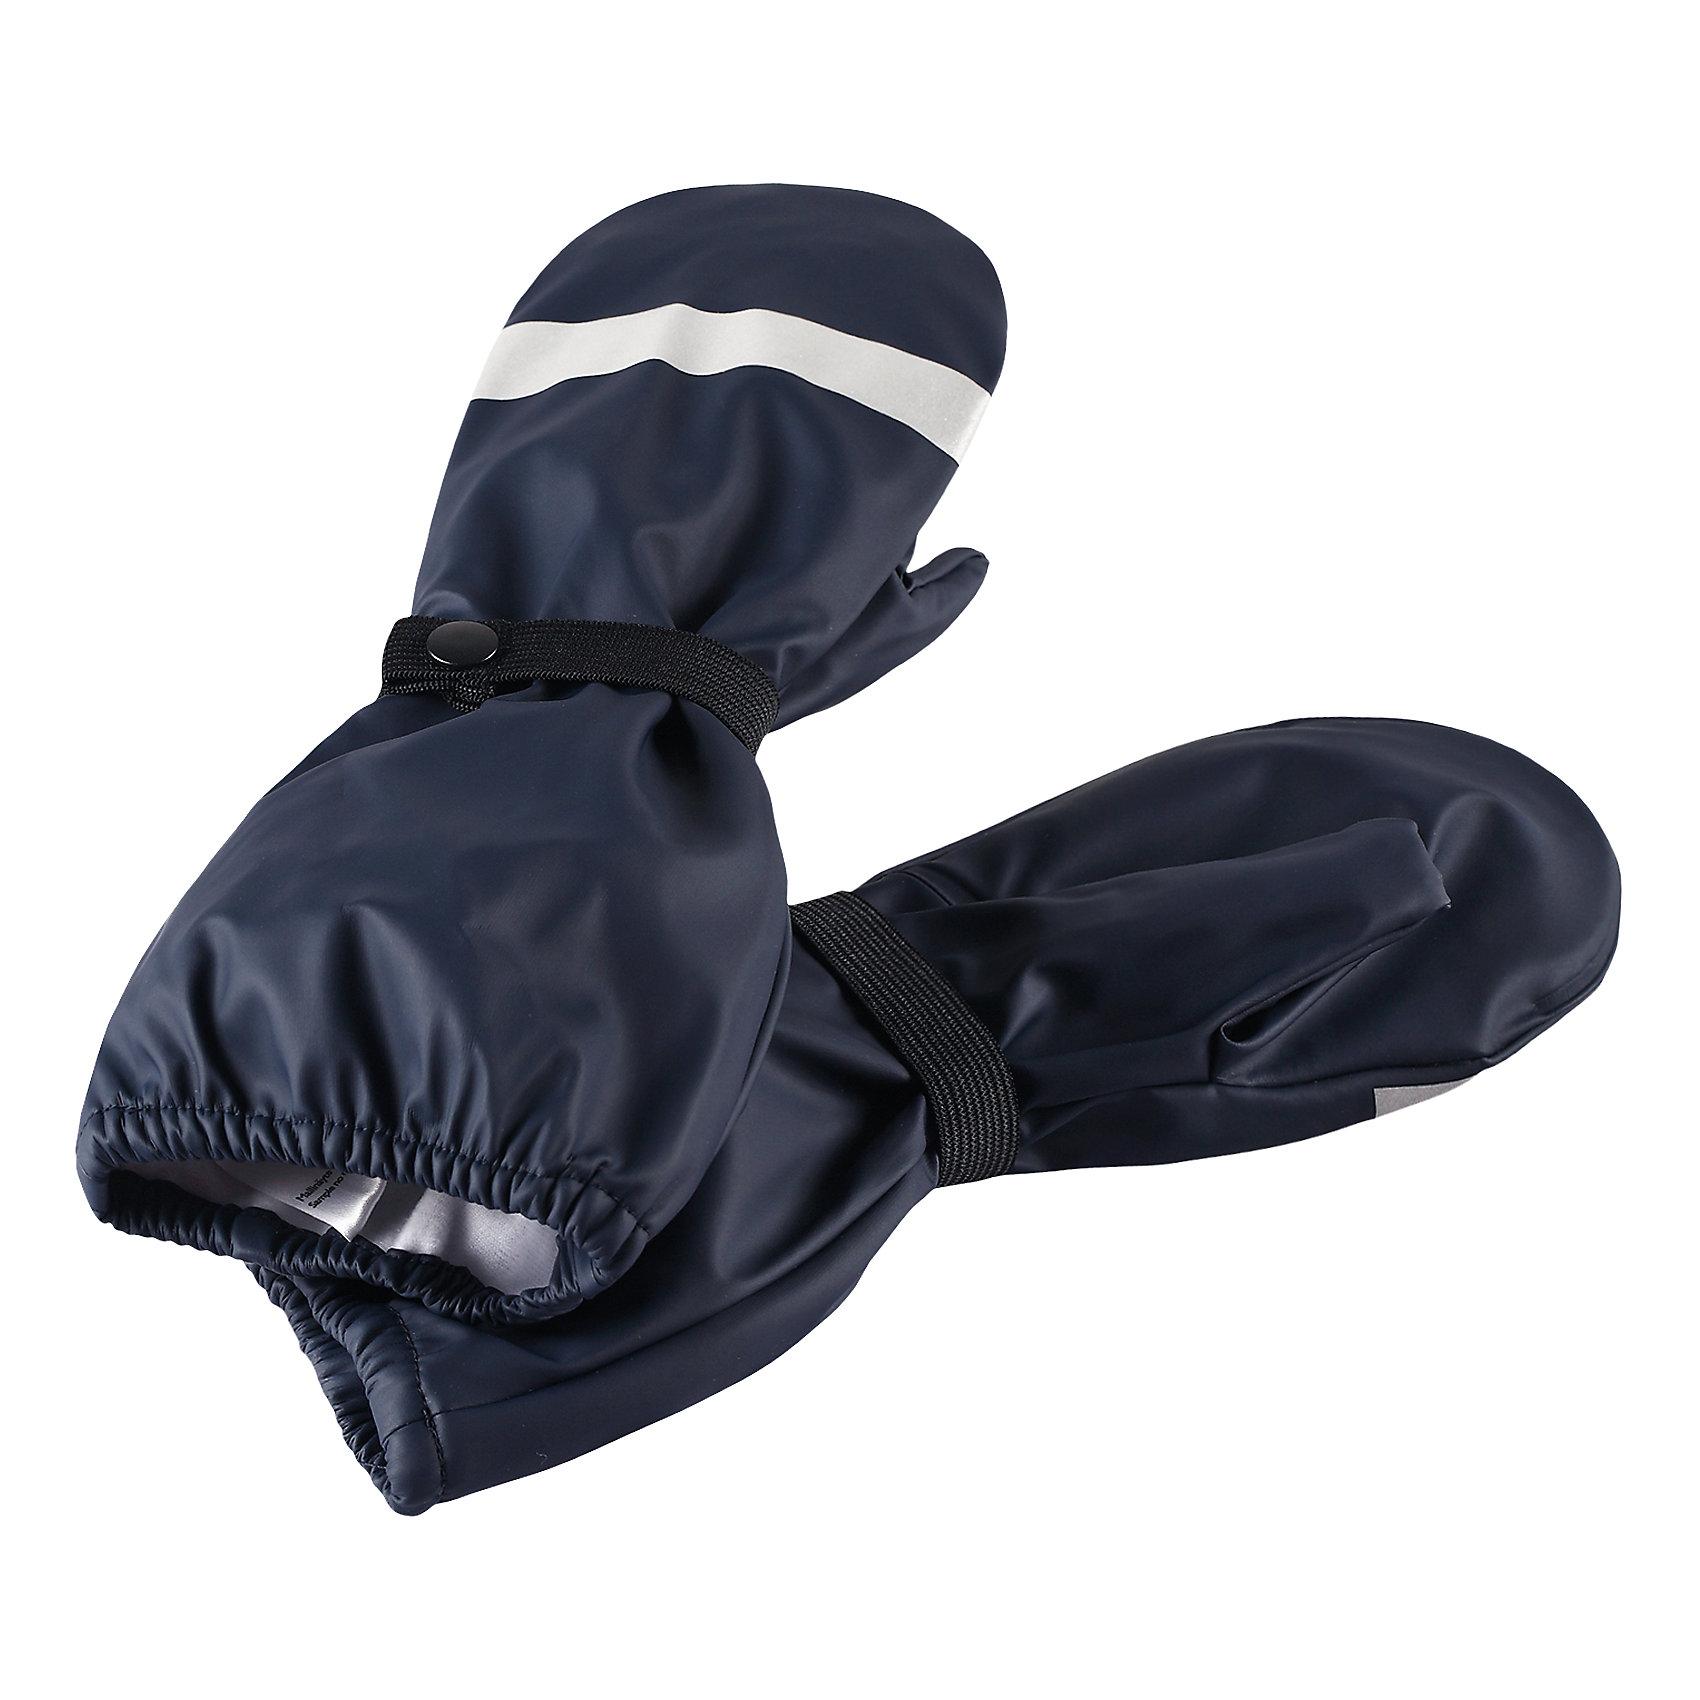 Непромокаемые варежки Puro для мальчика ReimaХарактеристики товара:<br><br>• цвет: синий<br>• состав: 100% полиэстер, полиуретановое покрытие<br>• температурный режим: от +5°до +15°С<br>• водонепроницаемый материал с запаянными швами<br>• не содержит ПВХ<br>• эластичный материал<br>• трикотажная подкладка из полиэстера с начесом<br>• светоотражающие детали<br>• страна производства: Китай<br>• страна бренда: Финляндия<br>• коллекция: весна-лето 2017<br><br>Reima представляет новые варежки для детей. Они помогут обеспечить ребенку комфорт и дополнить наряд. Варежки отлично смотрятся с различной одеждой. Изделия удобно сидят и модно выглядят, в их основе - водонепроницаемый материал. Просты в уходе, долго служат. Стильный дизайн разрабатывался специально для детей.<br><br>Одежда и обувь от финского бренда Reima пользуется популярностью во многих странах. Эти изделия стильные, качественные и удобные. Для производства продукции используются только безопасные, проверенные материалы и фурнитура. Порадуйте ребенка модными и красивыми вещами от Reima! <br><br>Варежки от финского бренда Reima (Рейма) можно купить в нашем интернет-магазине.<br><br>Ширина мм: 162<br>Глубина мм: 171<br>Высота мм: 55<br>Вес г: 119<br>Цвет: синий<br>Возраст от месяцев: 48<br>Возраст до месяцев: 72<br>Пол: Мужской<br>Возраст: Детский<br>Размер: 1,4,2,3<br>SKU: 5268066